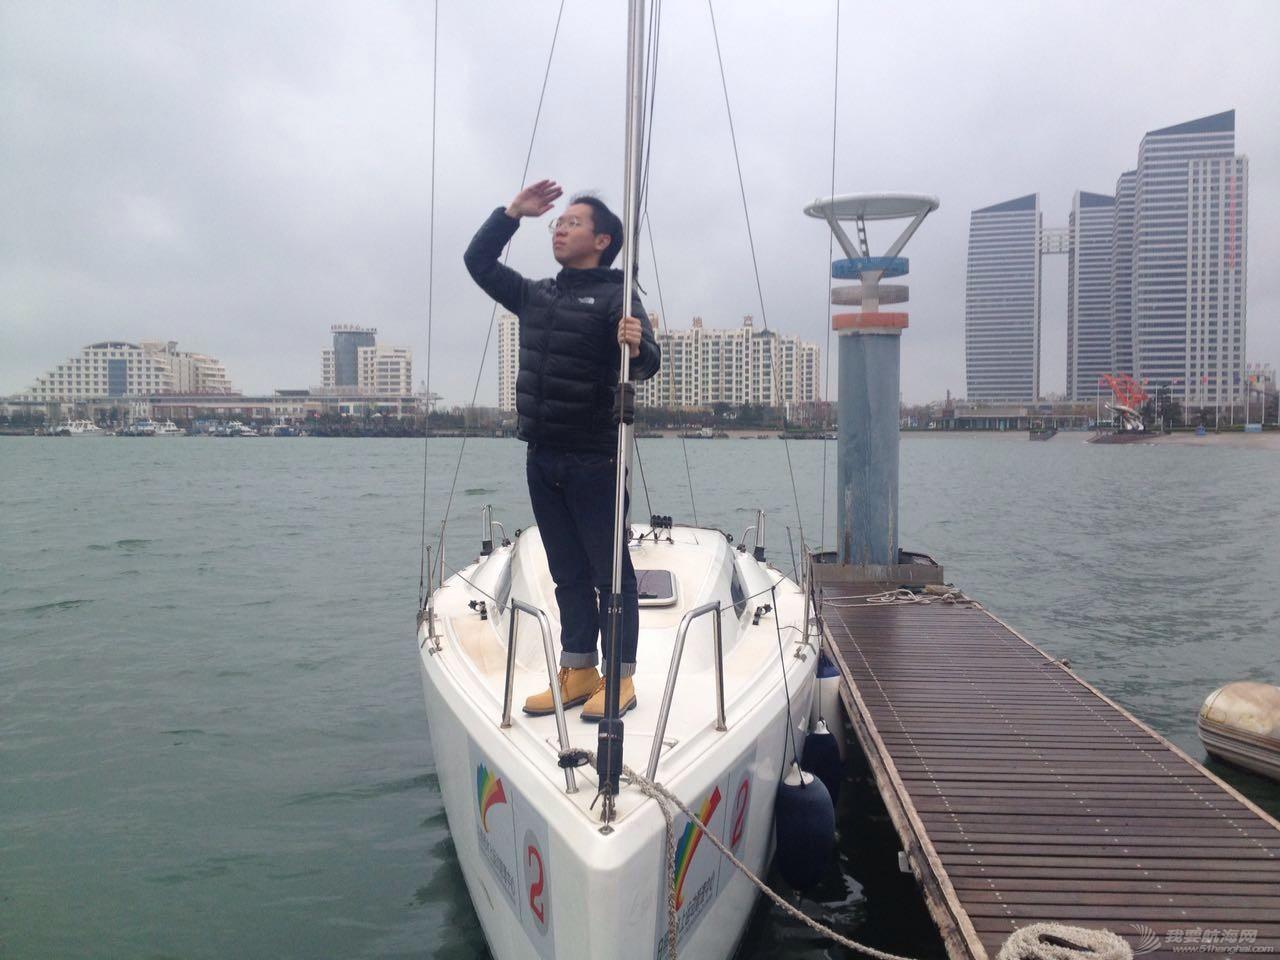 我的航海初体验 905427202217640938.jpg